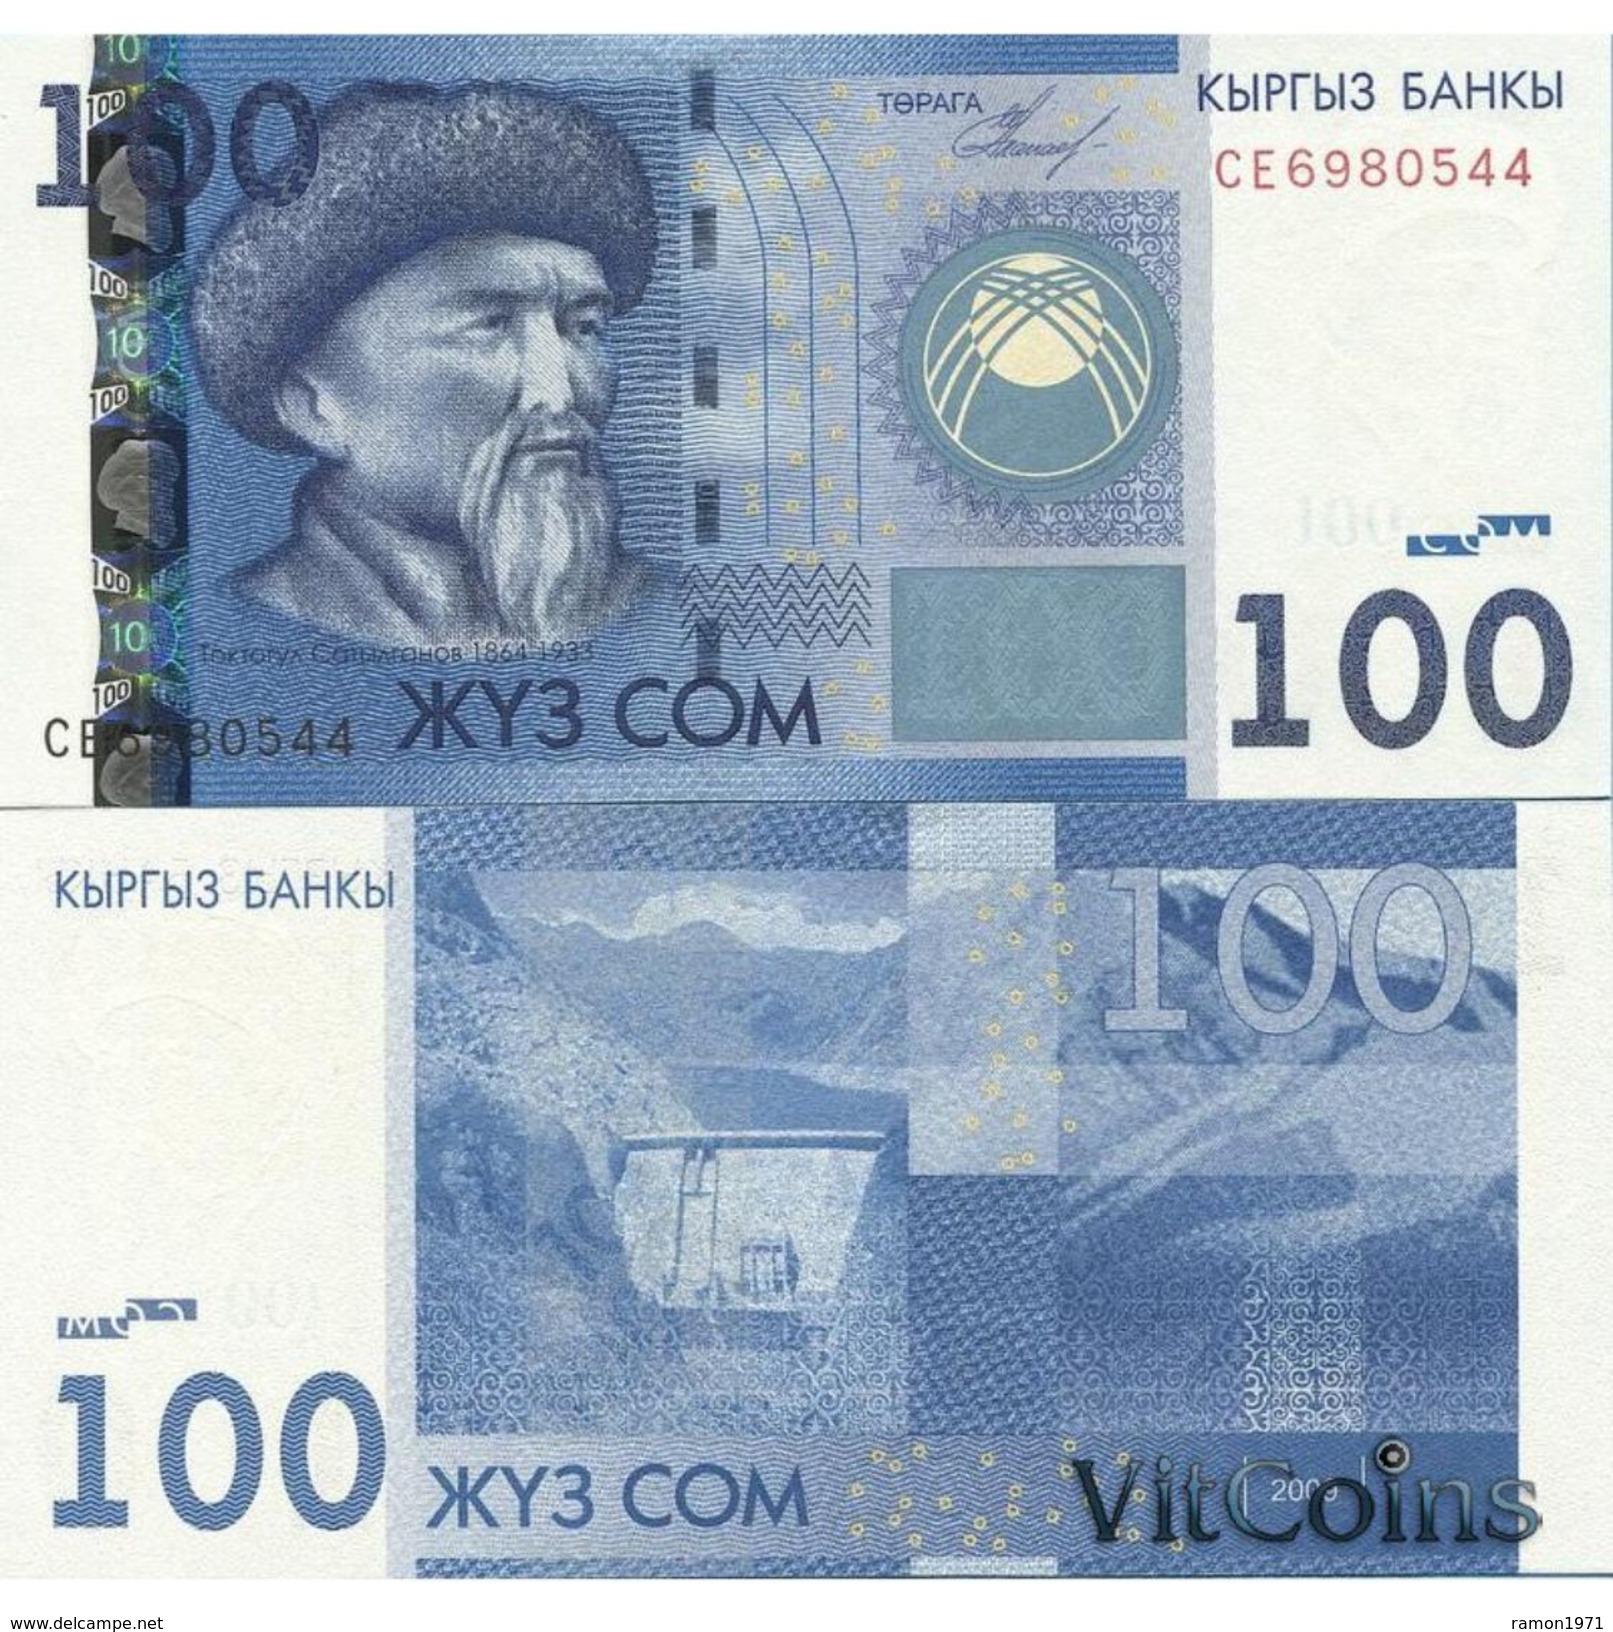 10 Pieces Kyrgyzstan - 100 Som 2009 UNC - Kyrgyzstan